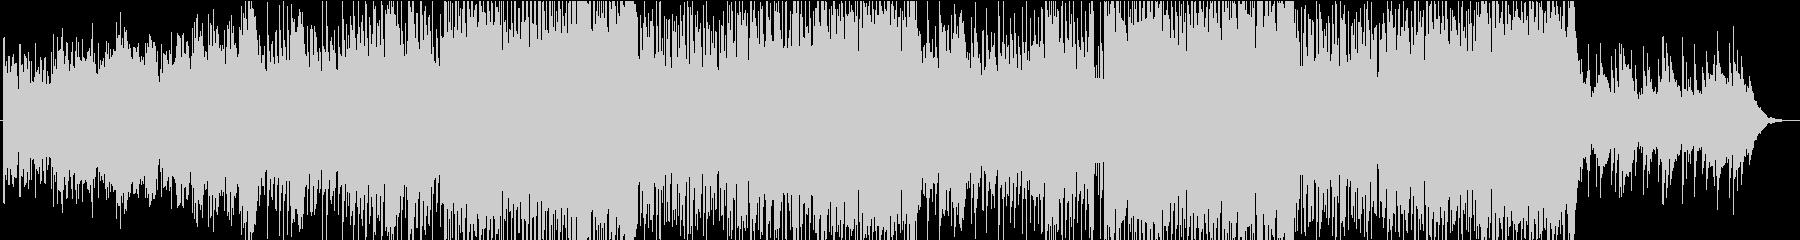 爽やかで広がりのある3拍子が特徴のBGMの未再生の波形